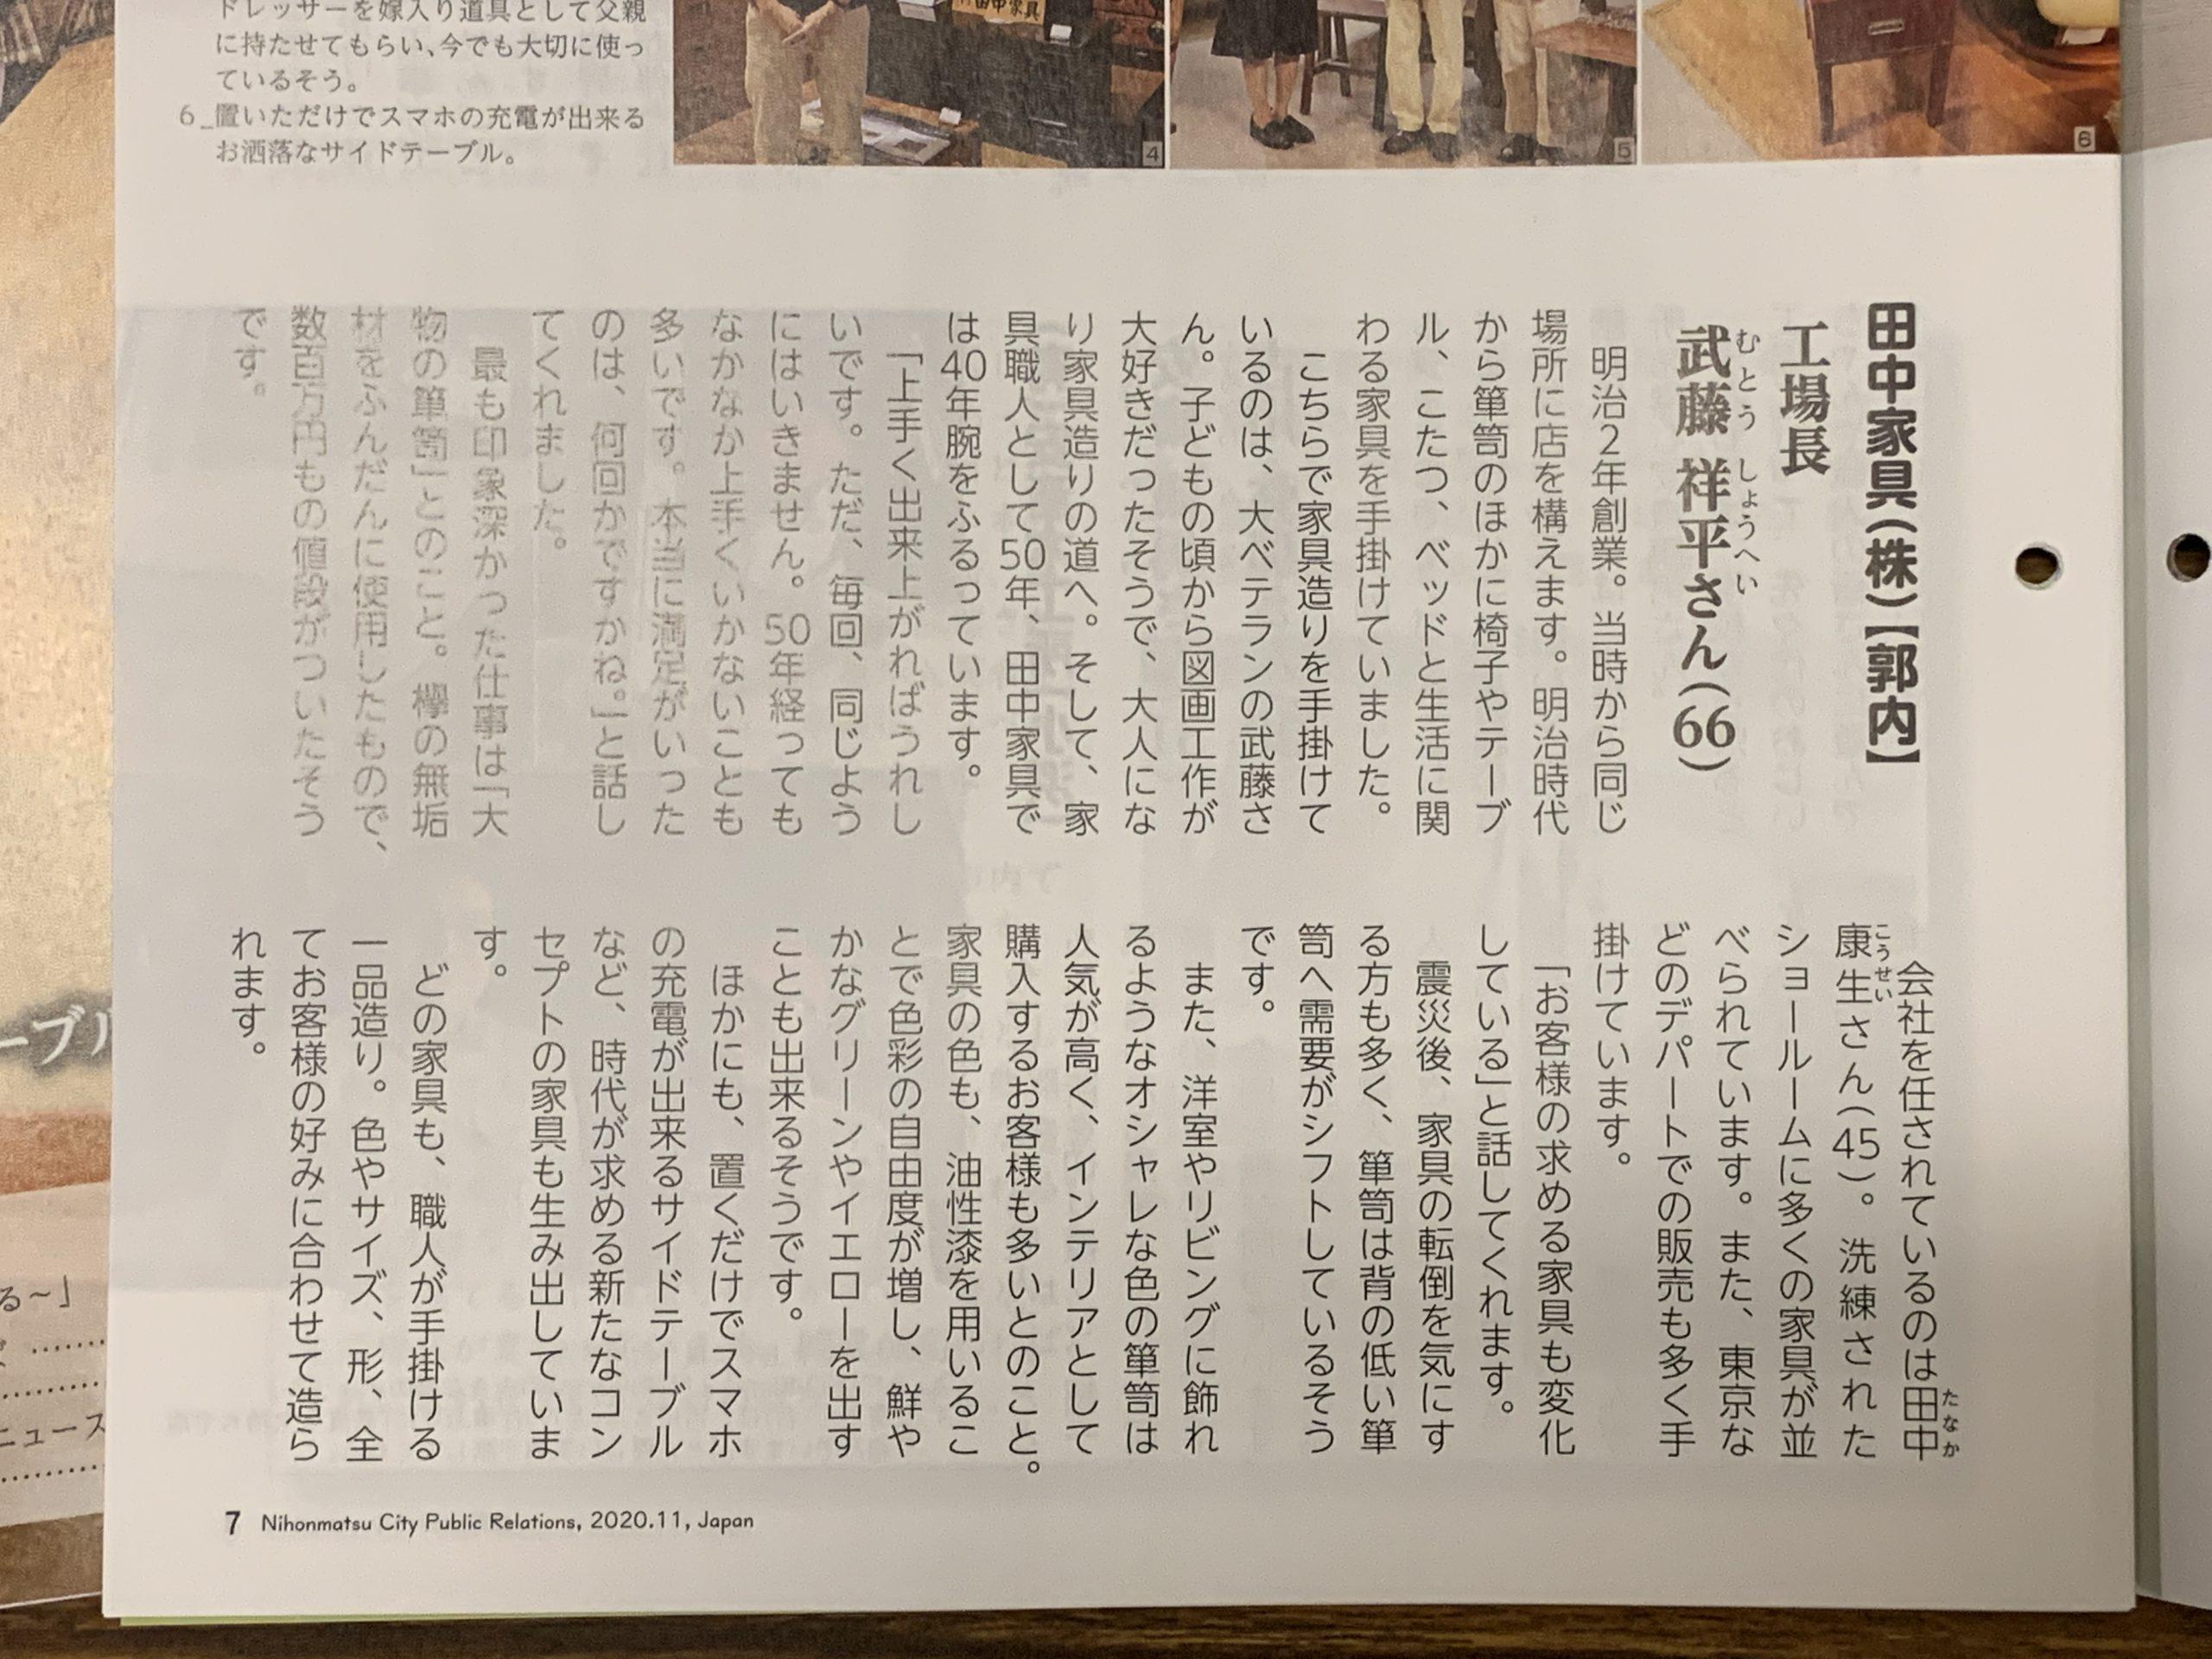 二本松工藝舘 田中家具@二本松市広報誌